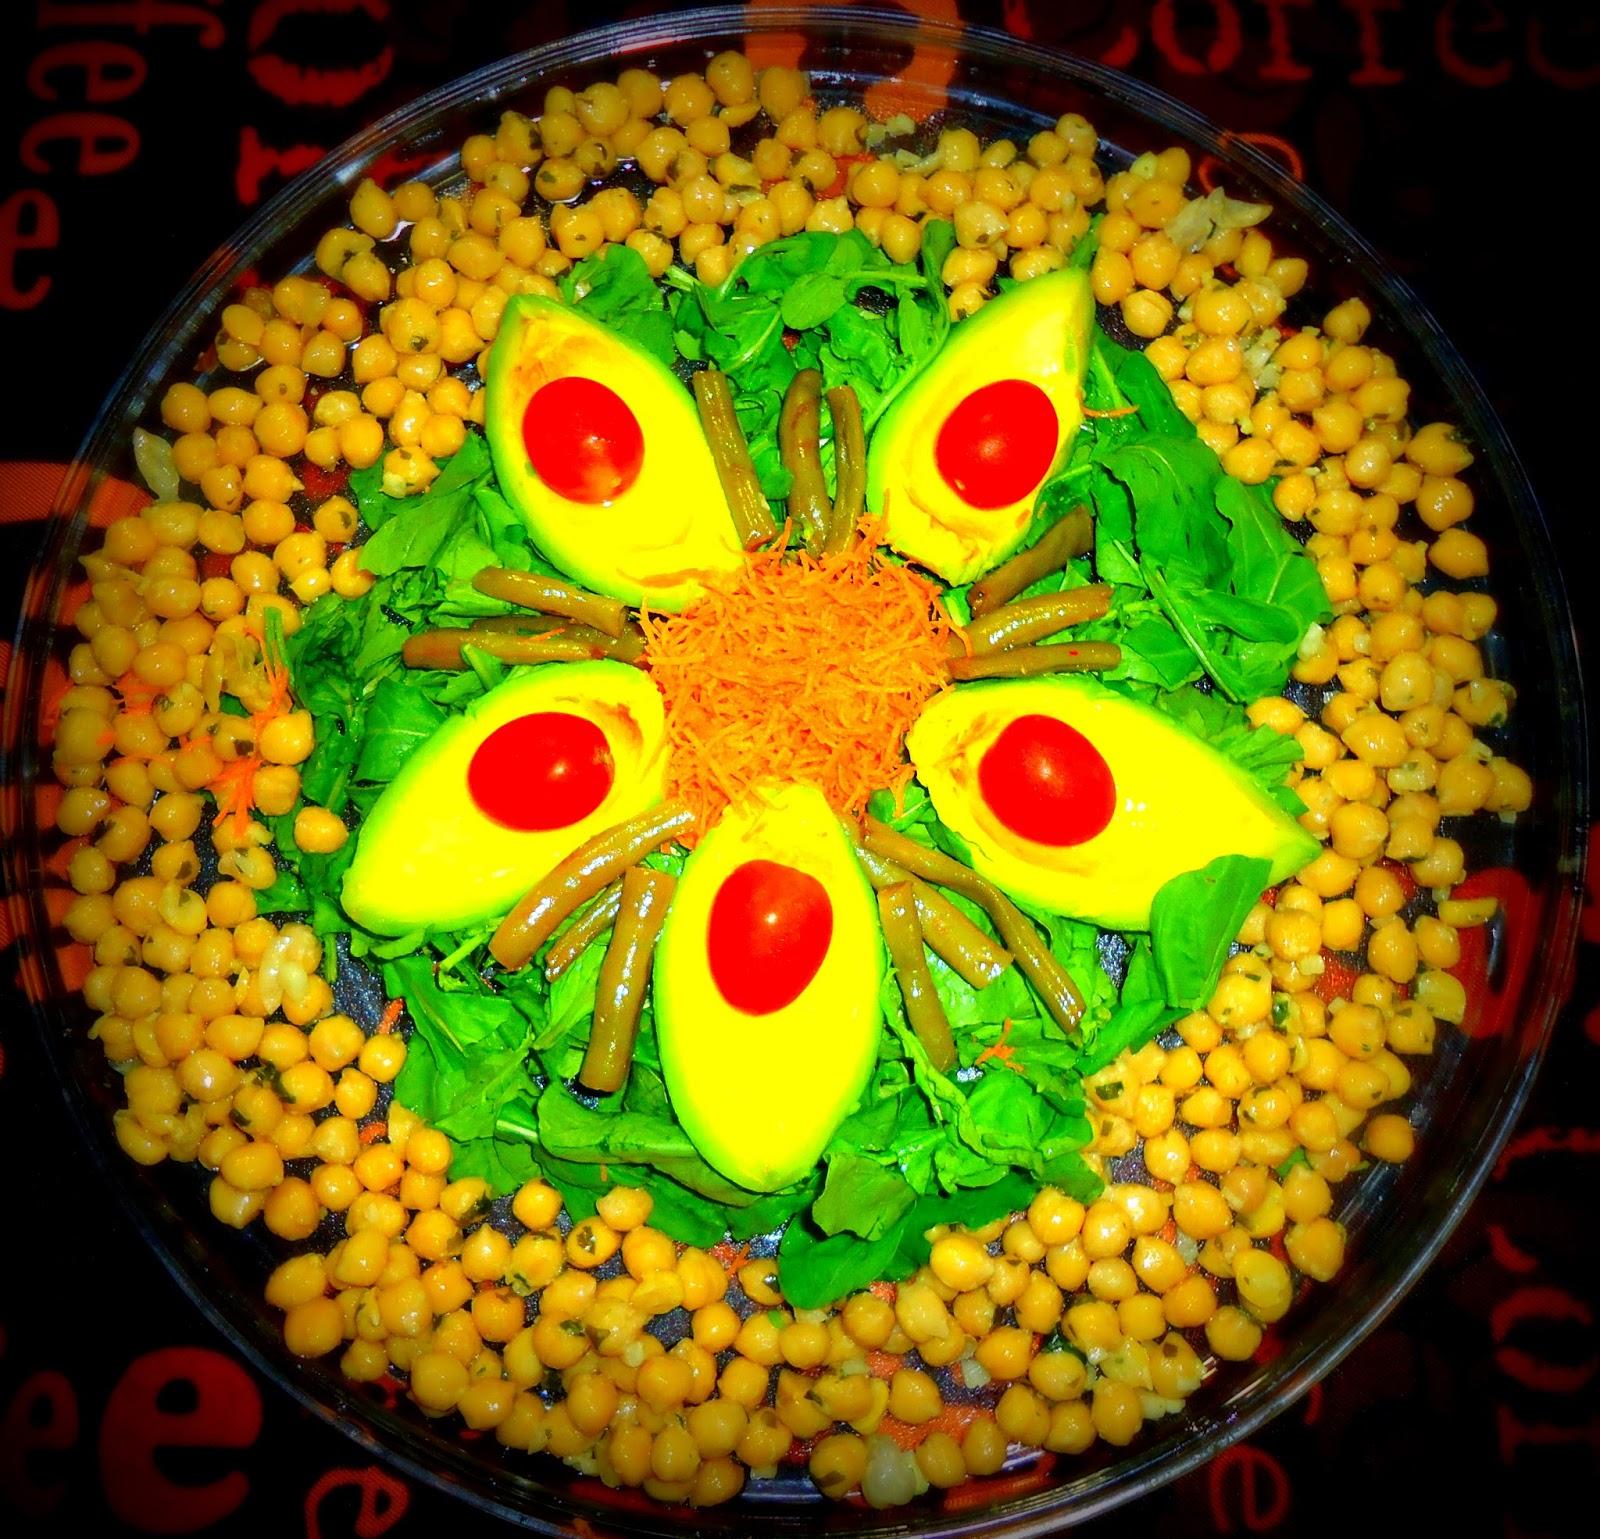 Ensaladas En Mandalas 1 kilo a 10,45 €. ensaladas en mandalas